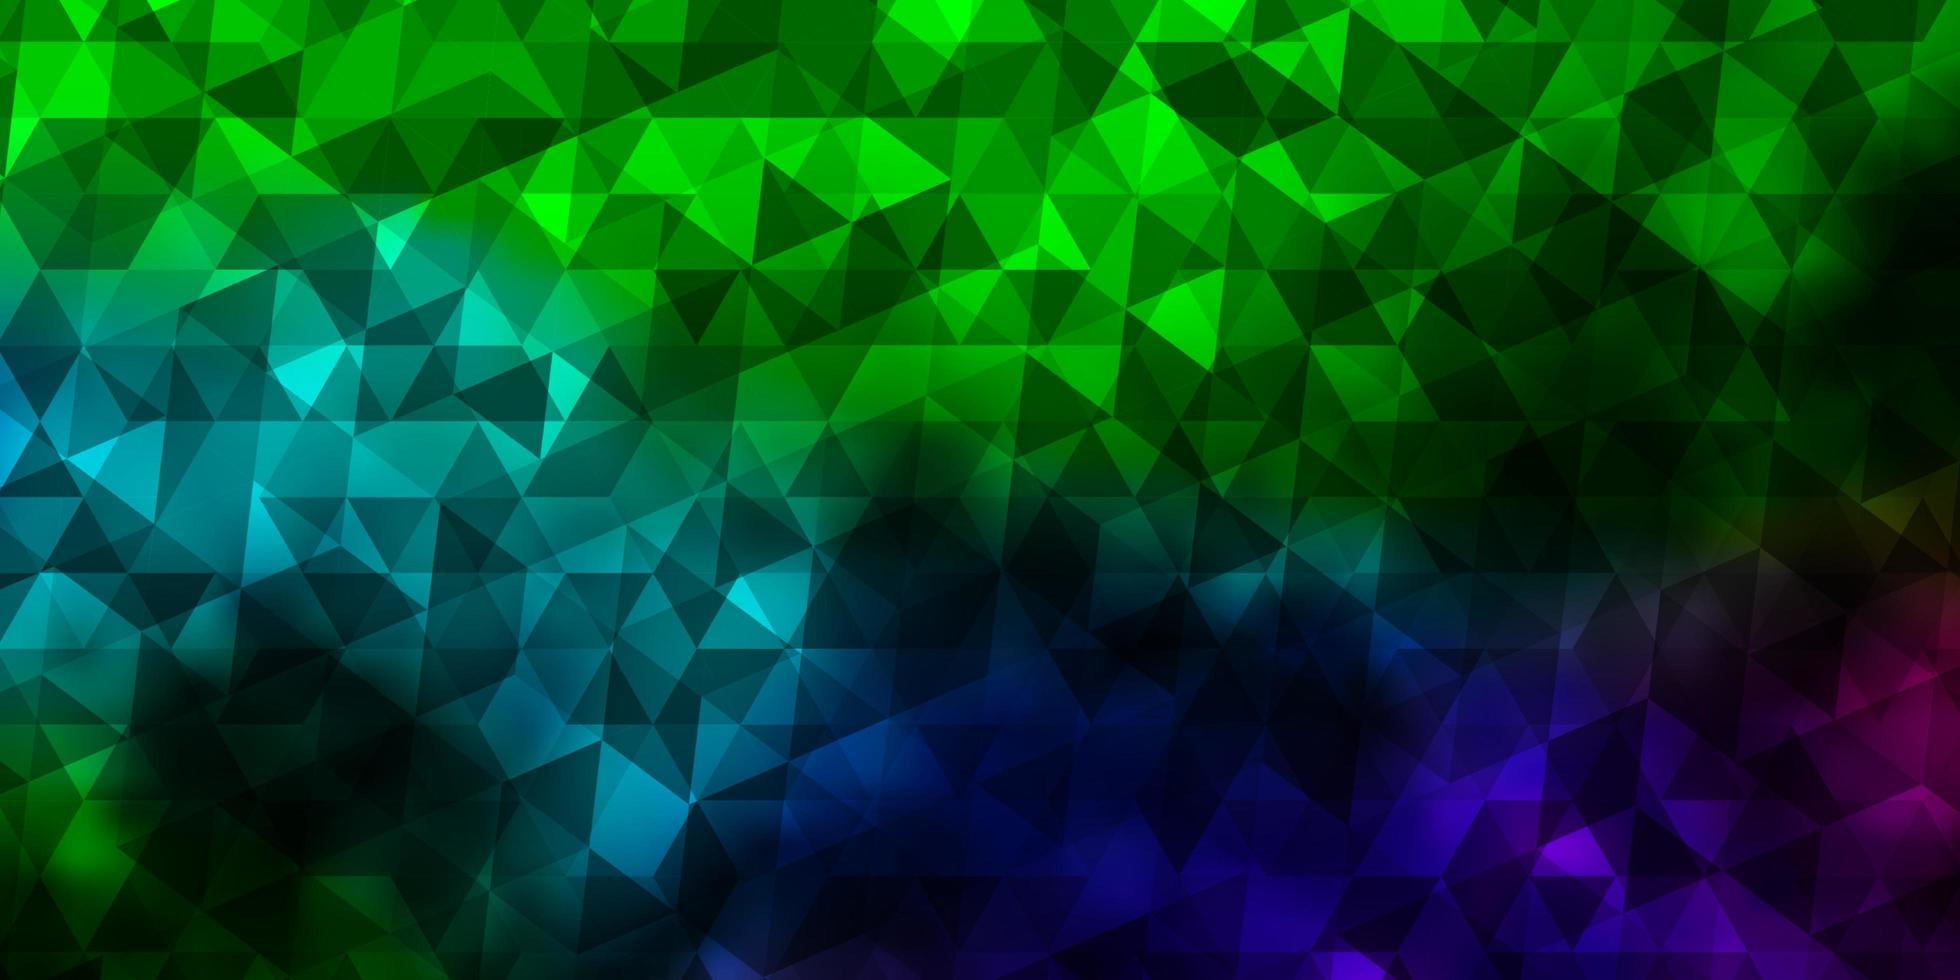 padrão de vetor multicolor escuro com estilo poligonal.